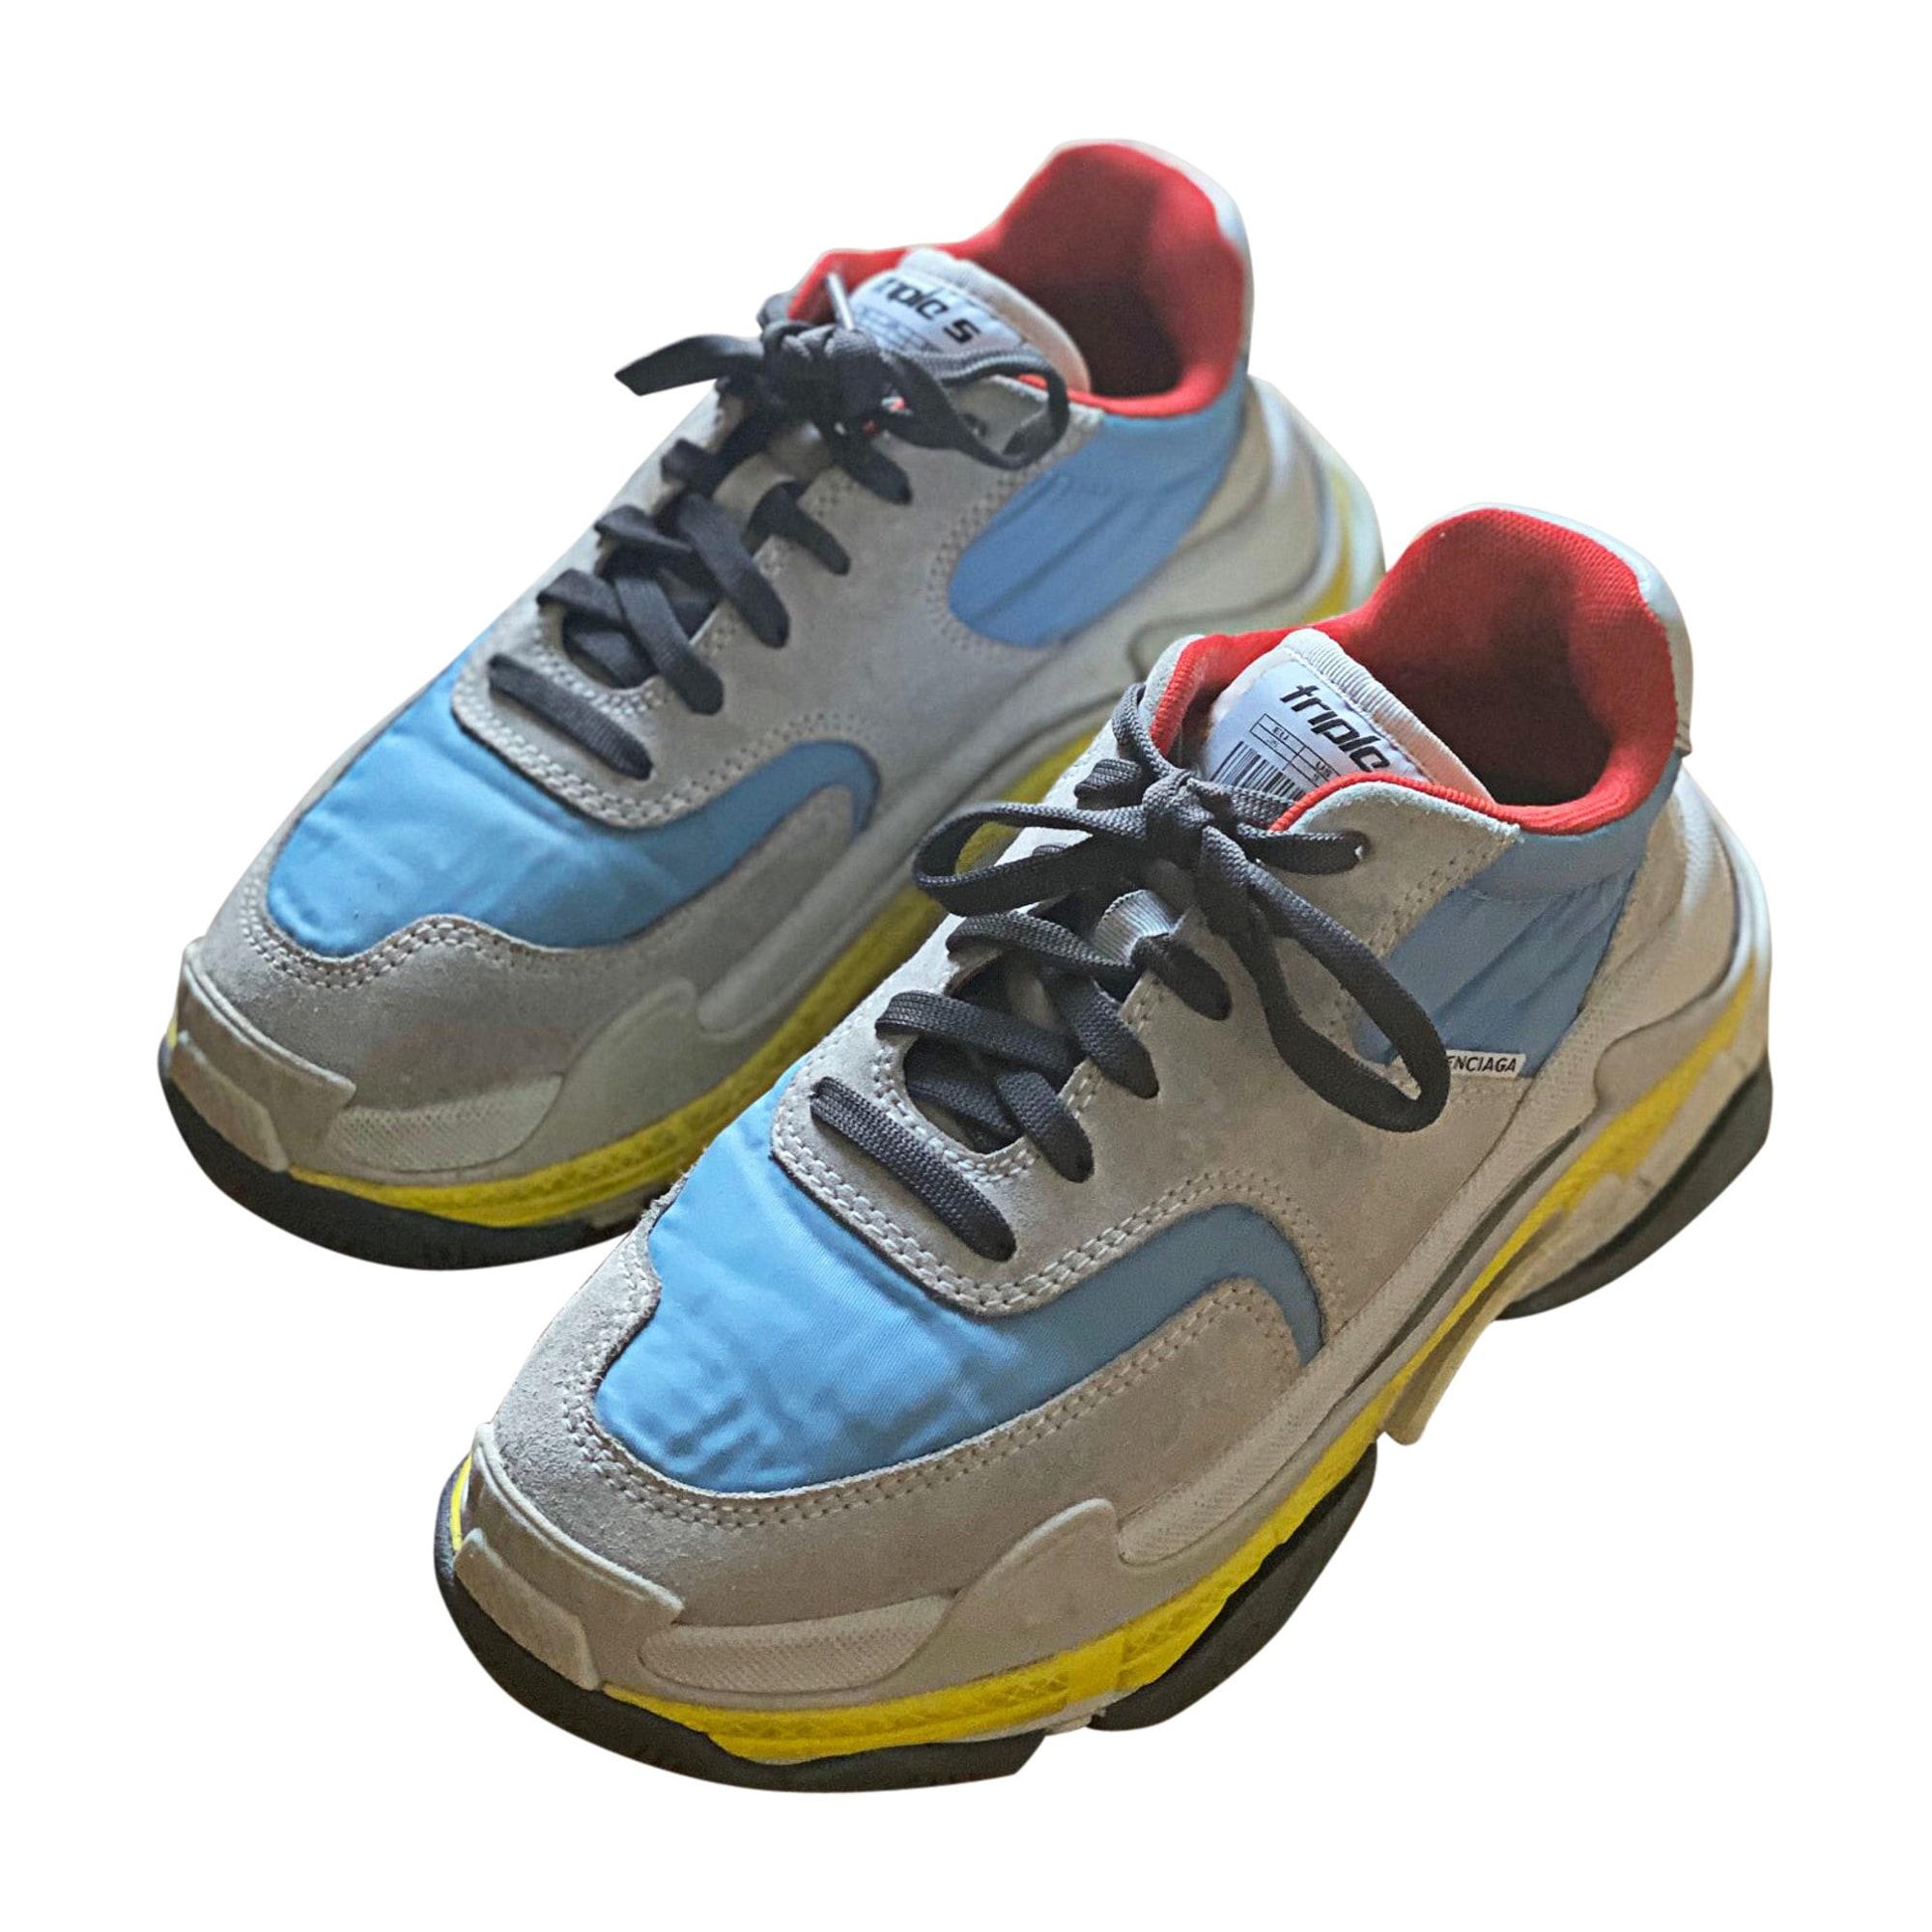 Sneakers BALENCIAGA Triple S Blau, marineblau, türkisblau